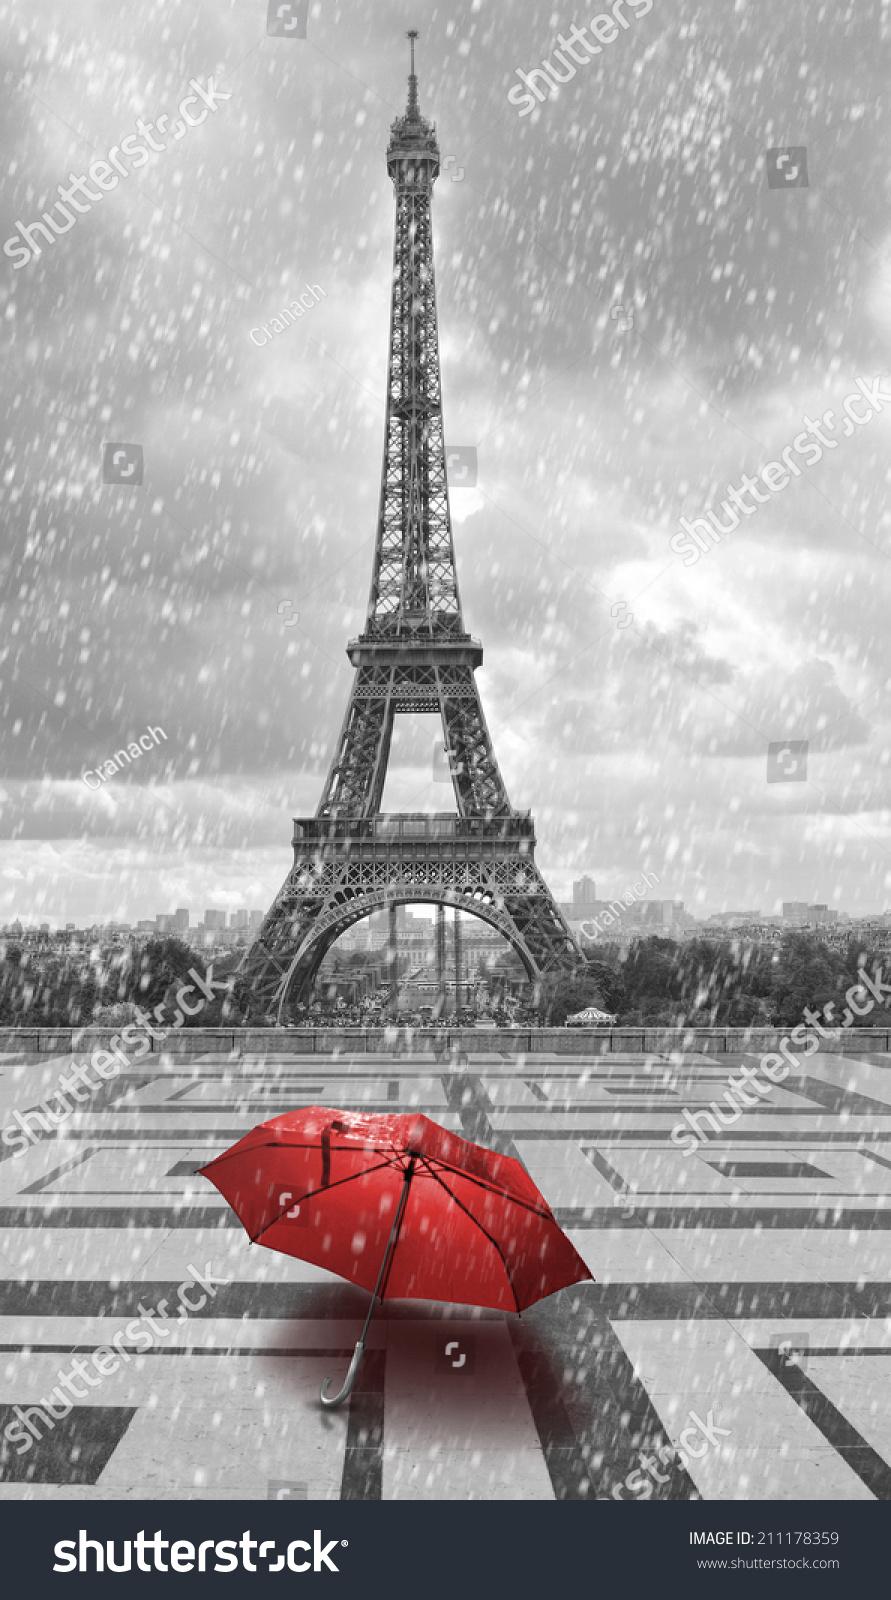 埃菲尔铁塔和红色的雨伞在雨中.黑白照片红色元素.